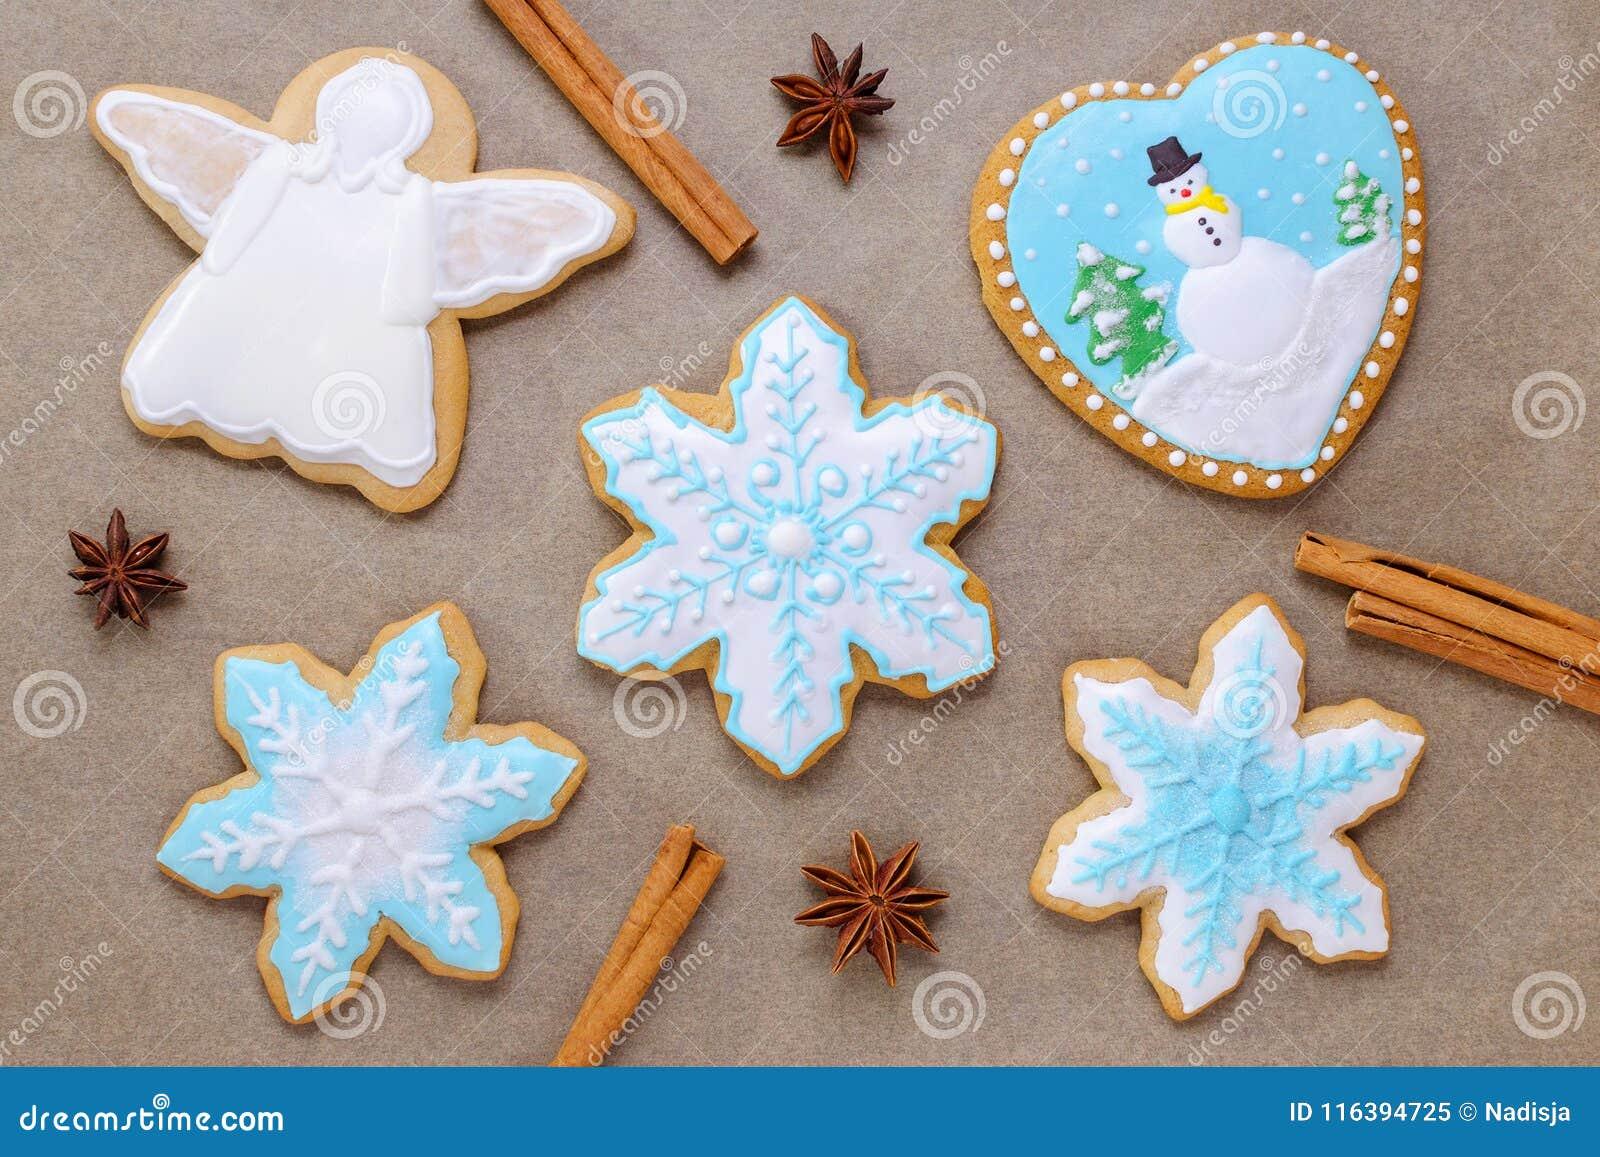 Homemade Christmas Cookie Like Snowflake And Angel With Cinnamon And